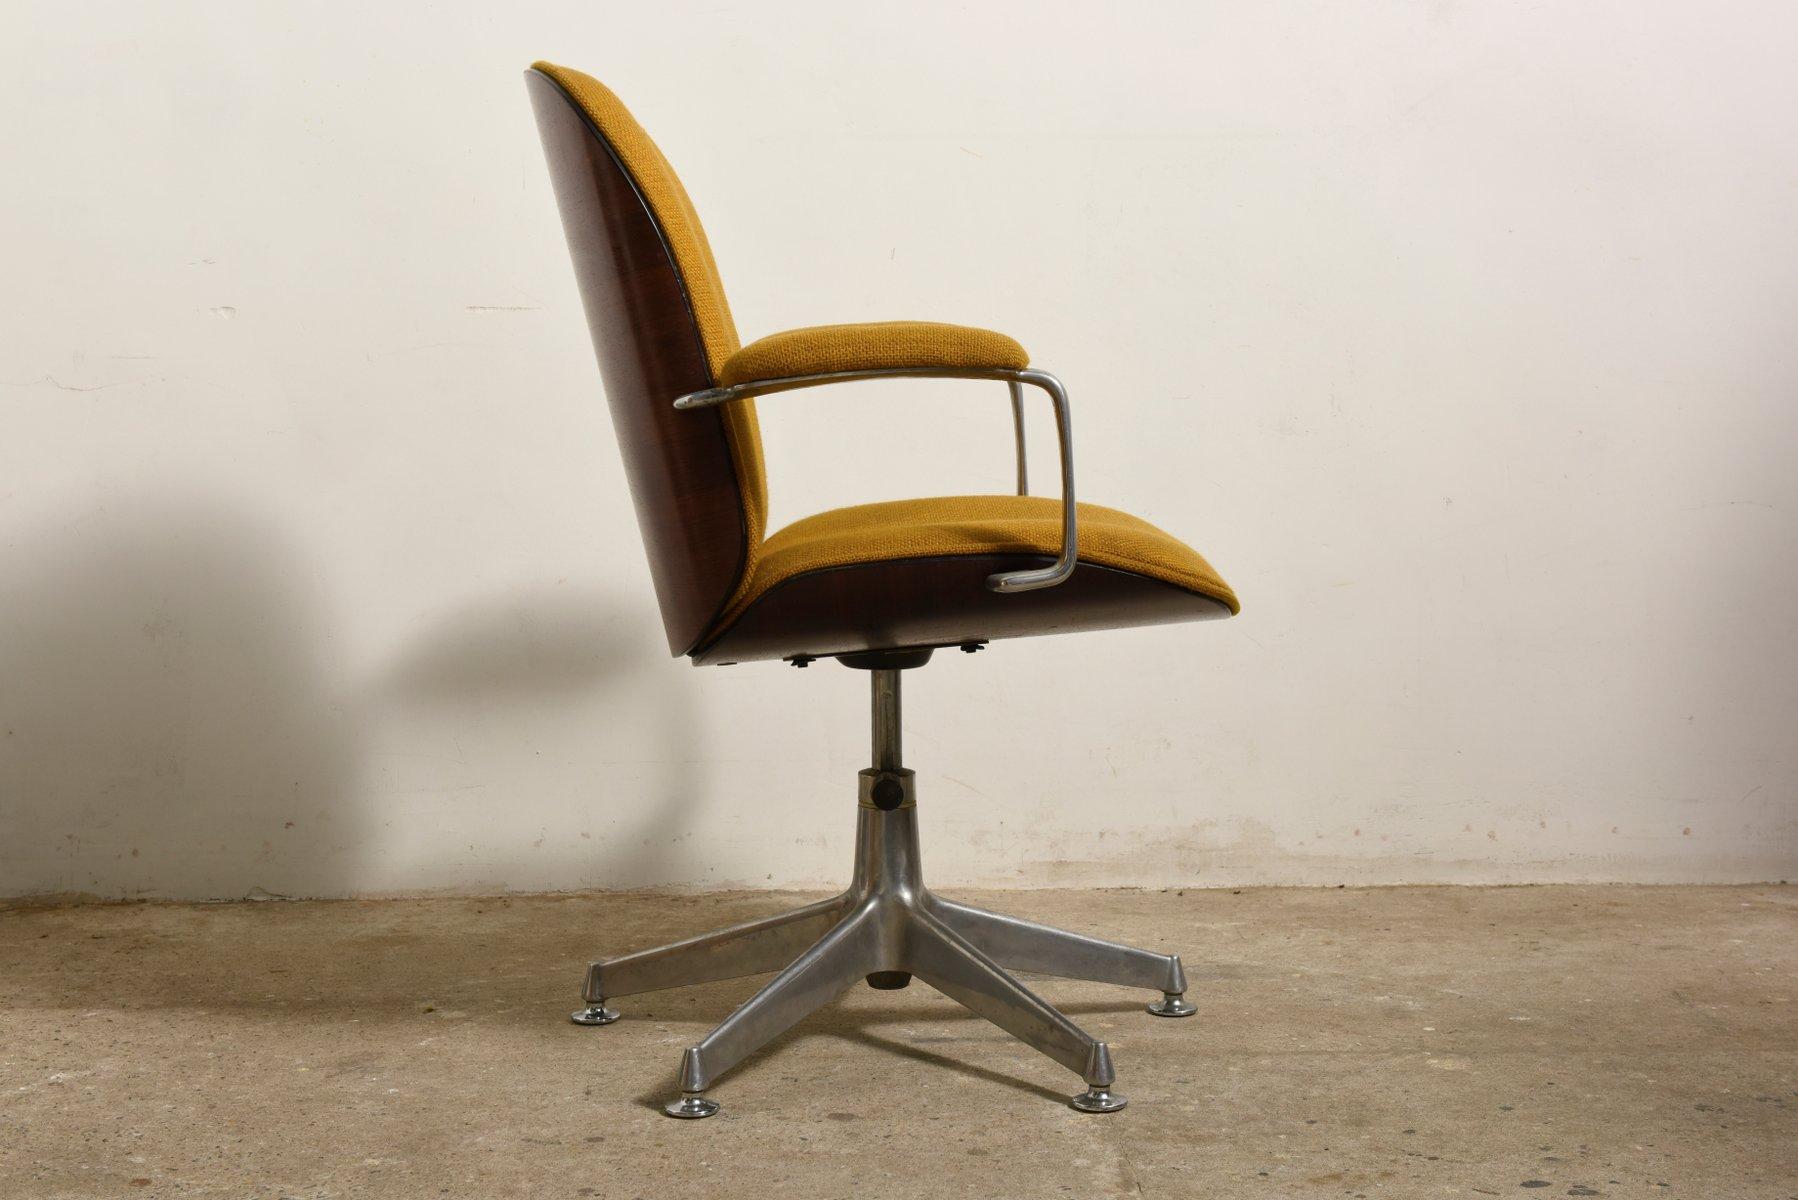 Sedie Ufficio Como : Sedia da ufficio girevole terni con braccioli di ico luisa